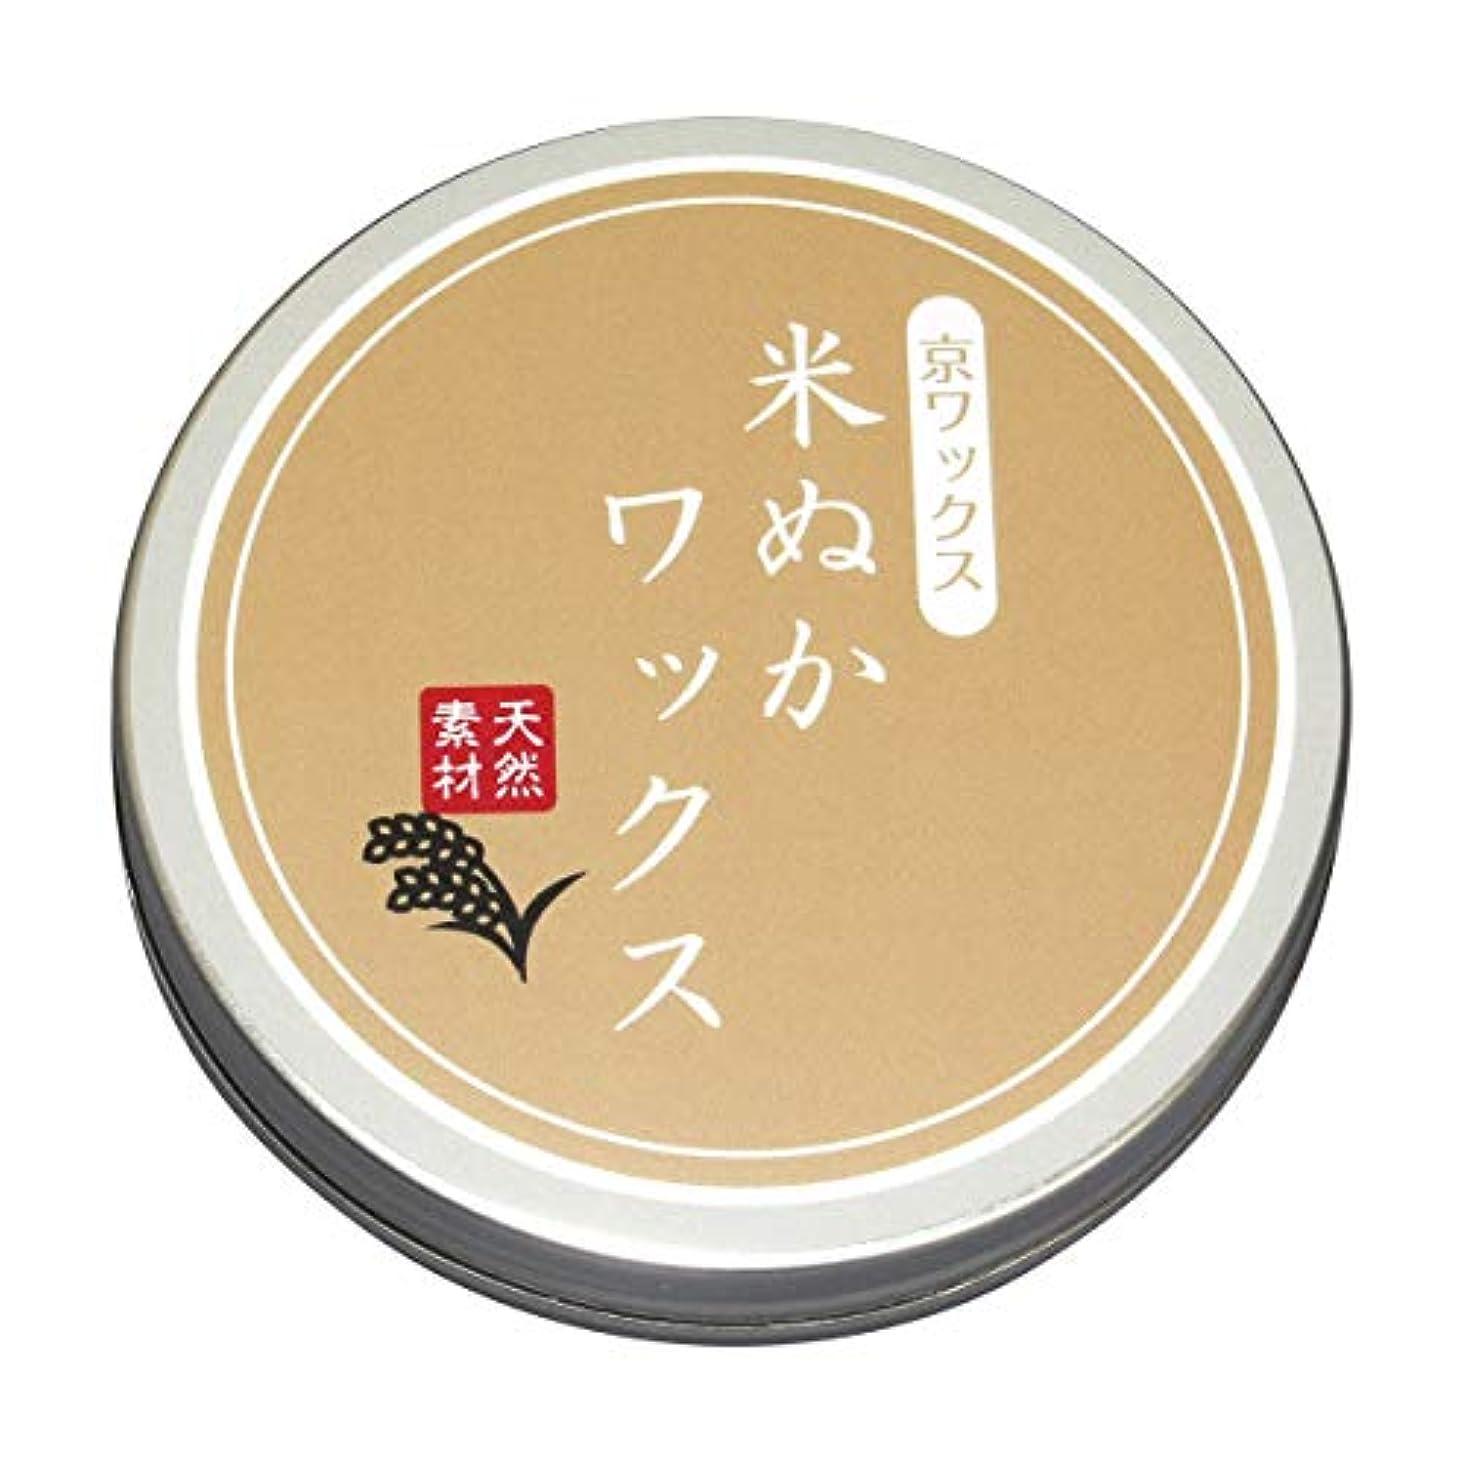 確認する返済キャプション杉材用ワックス 手作り 米ぬかワックス 50g 針葉樹の無垢材対応